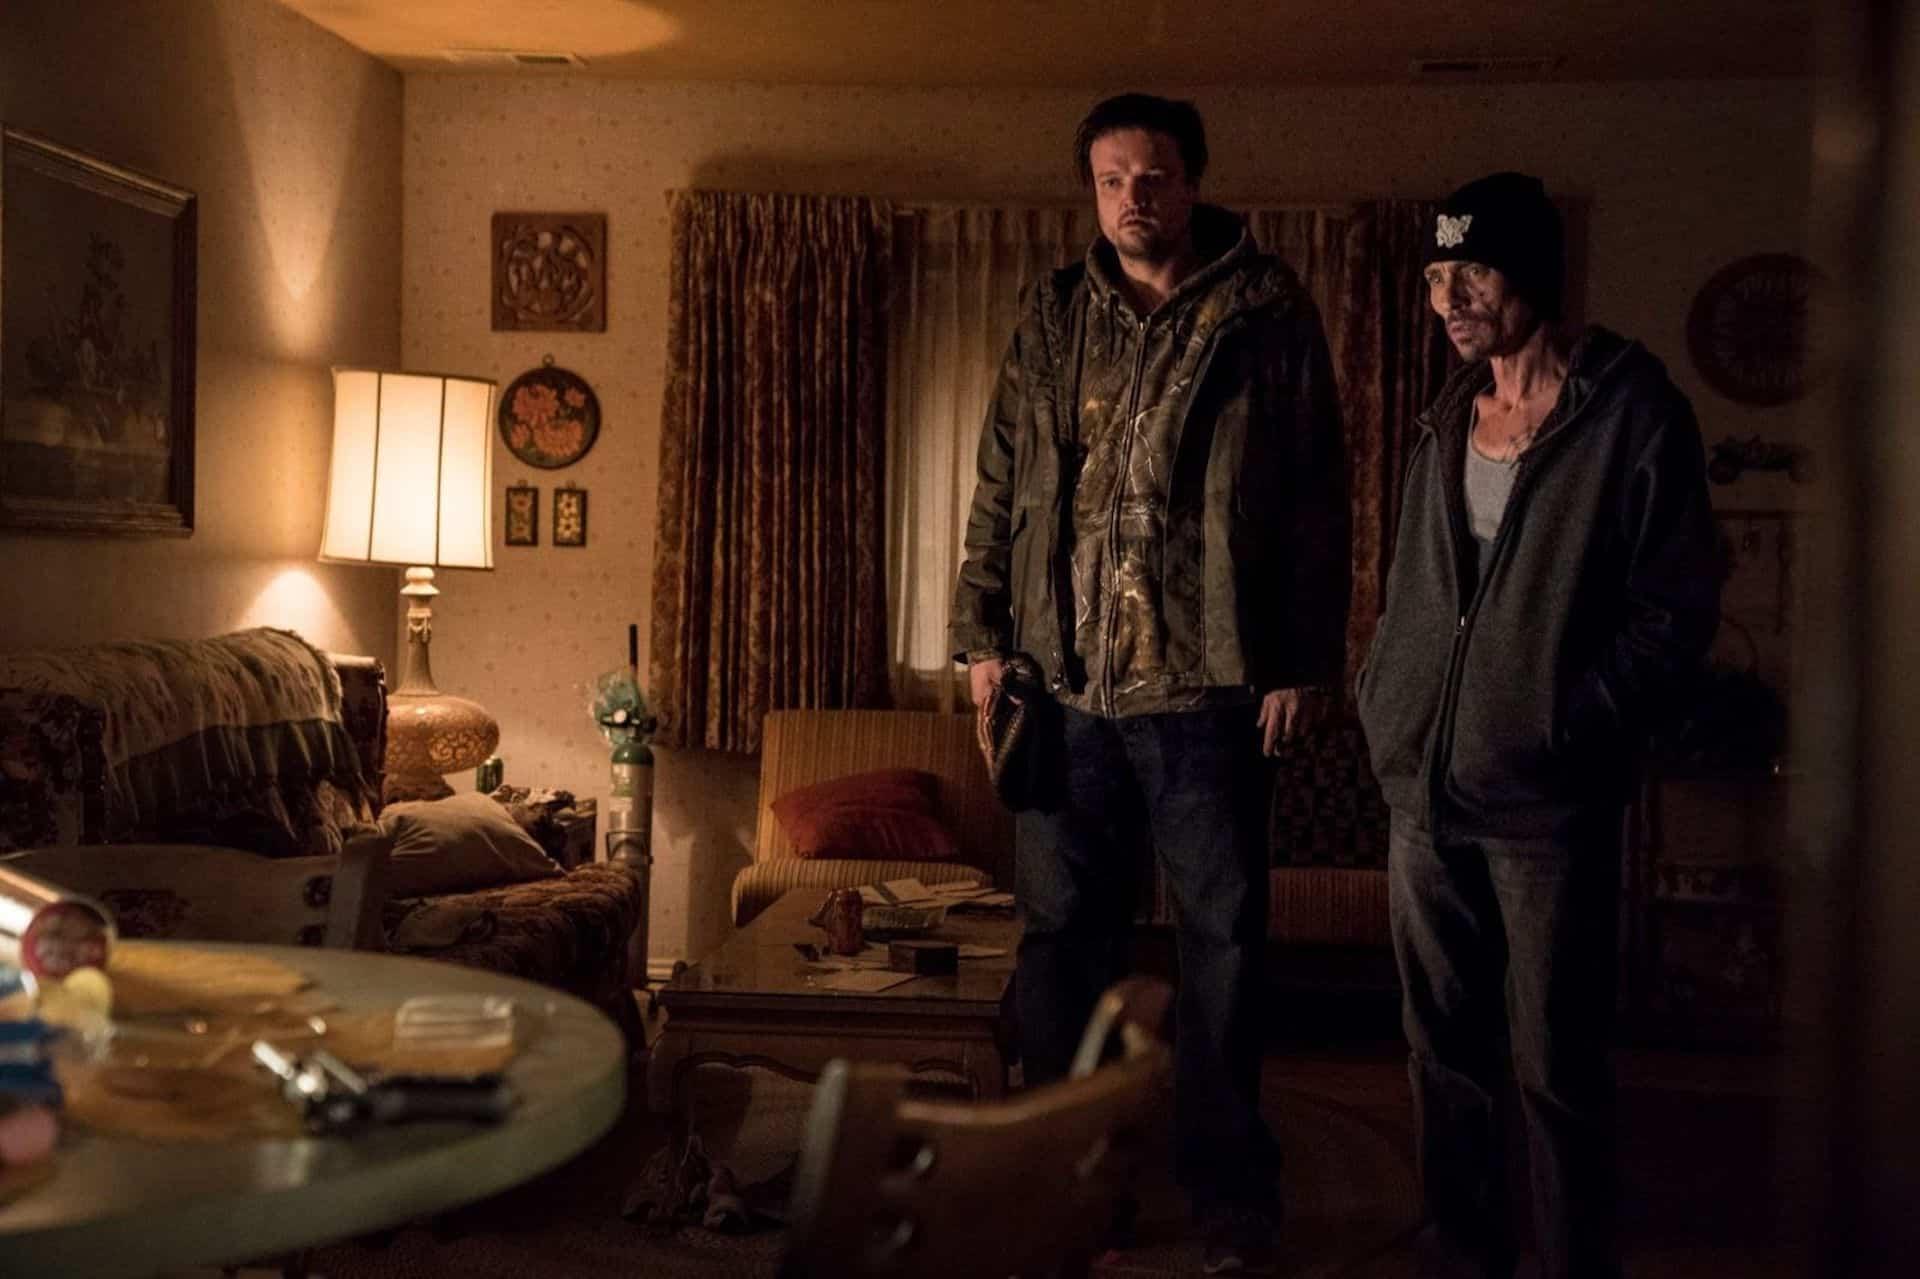 El Camino - Il film di Breaking Bad cinematographe.it